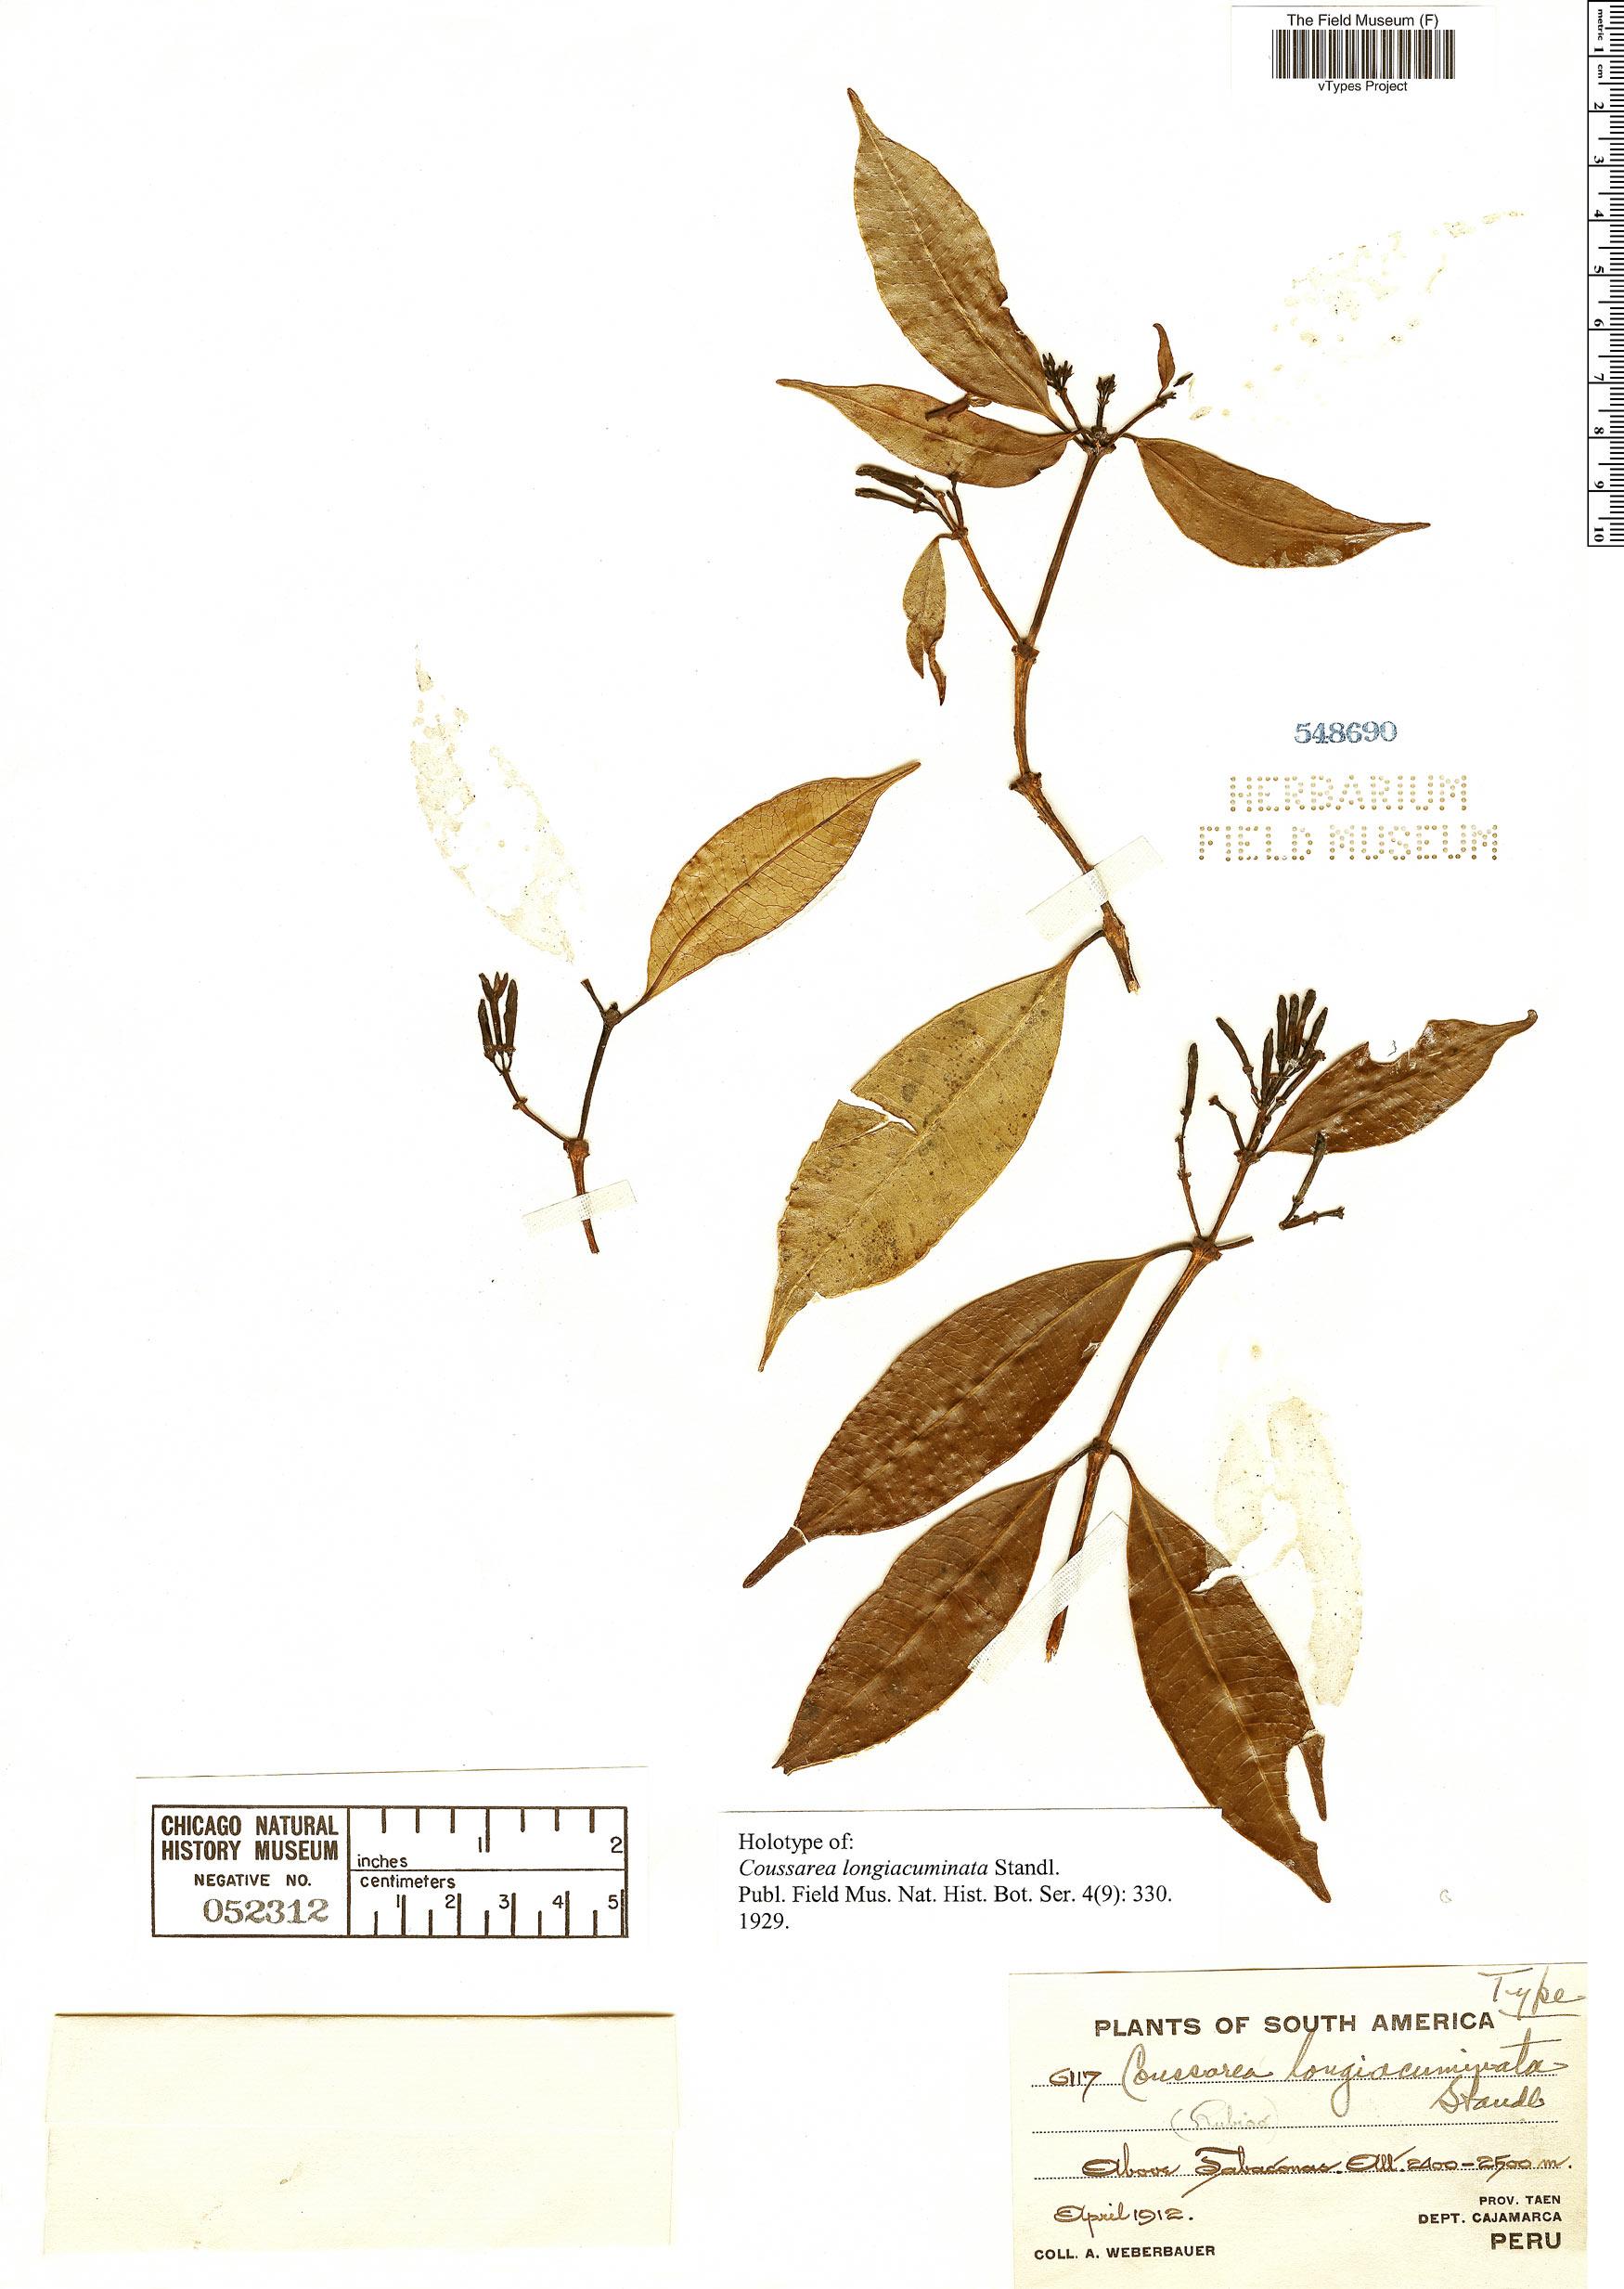 Specimen: Coussarea longiacuminata